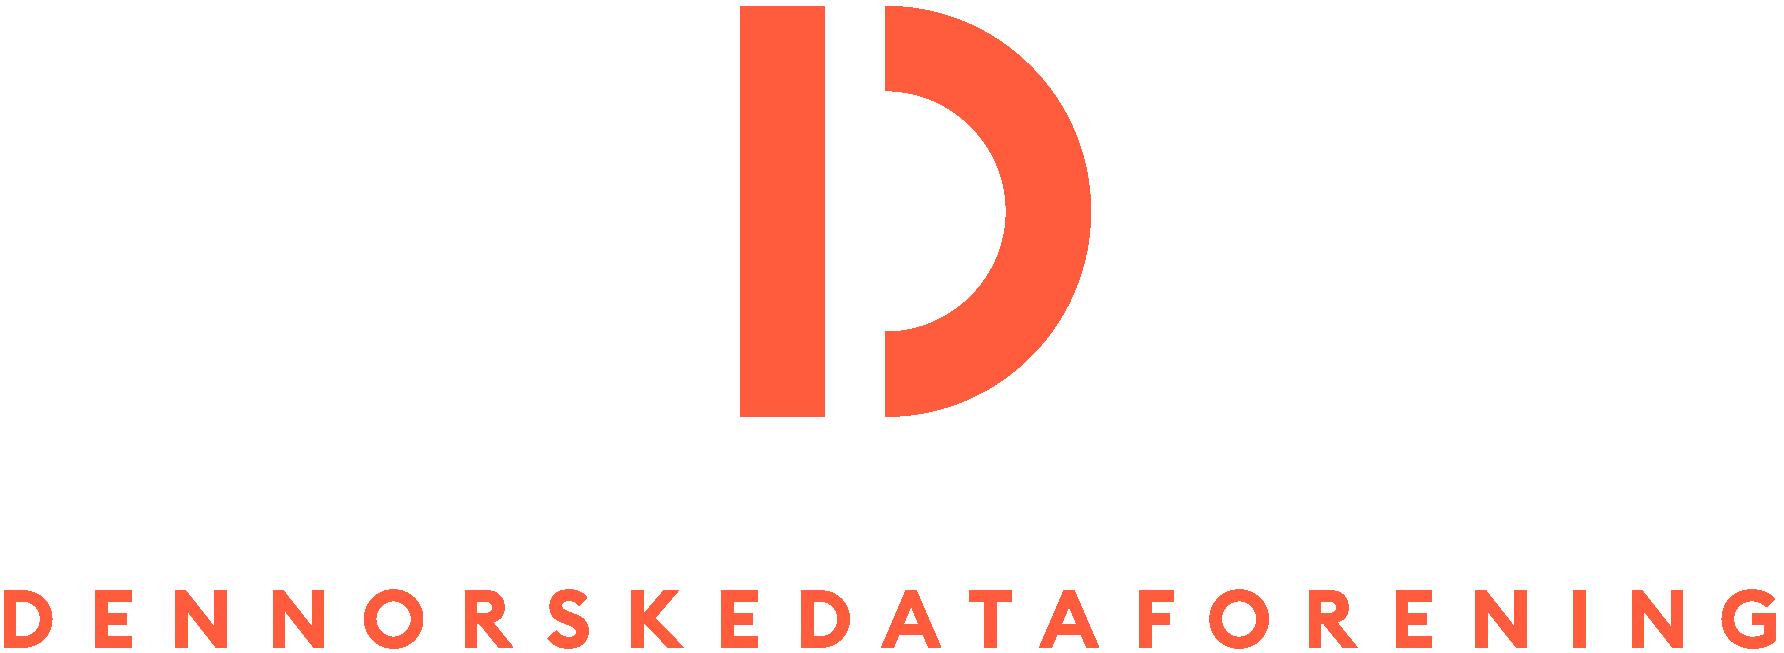 DND_logo_oppsett_red_screen-01.png